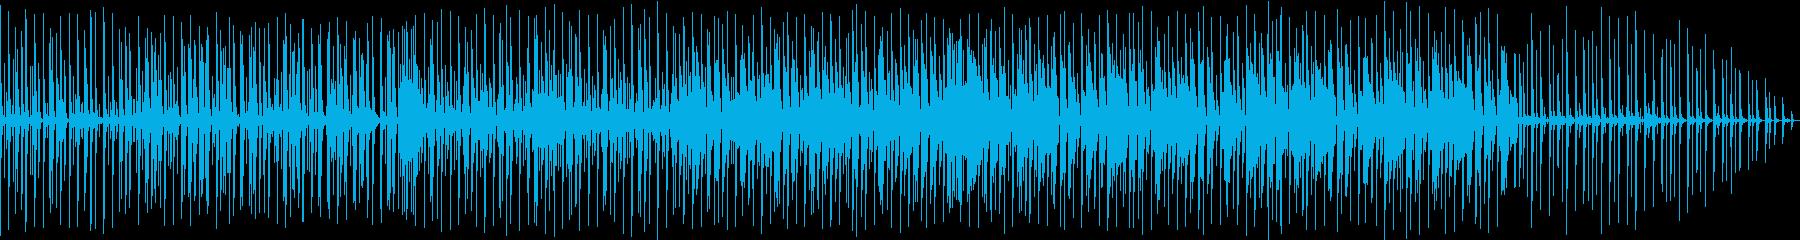 テレビ番組の研究番組で流れるような音楽の再生済みの波形